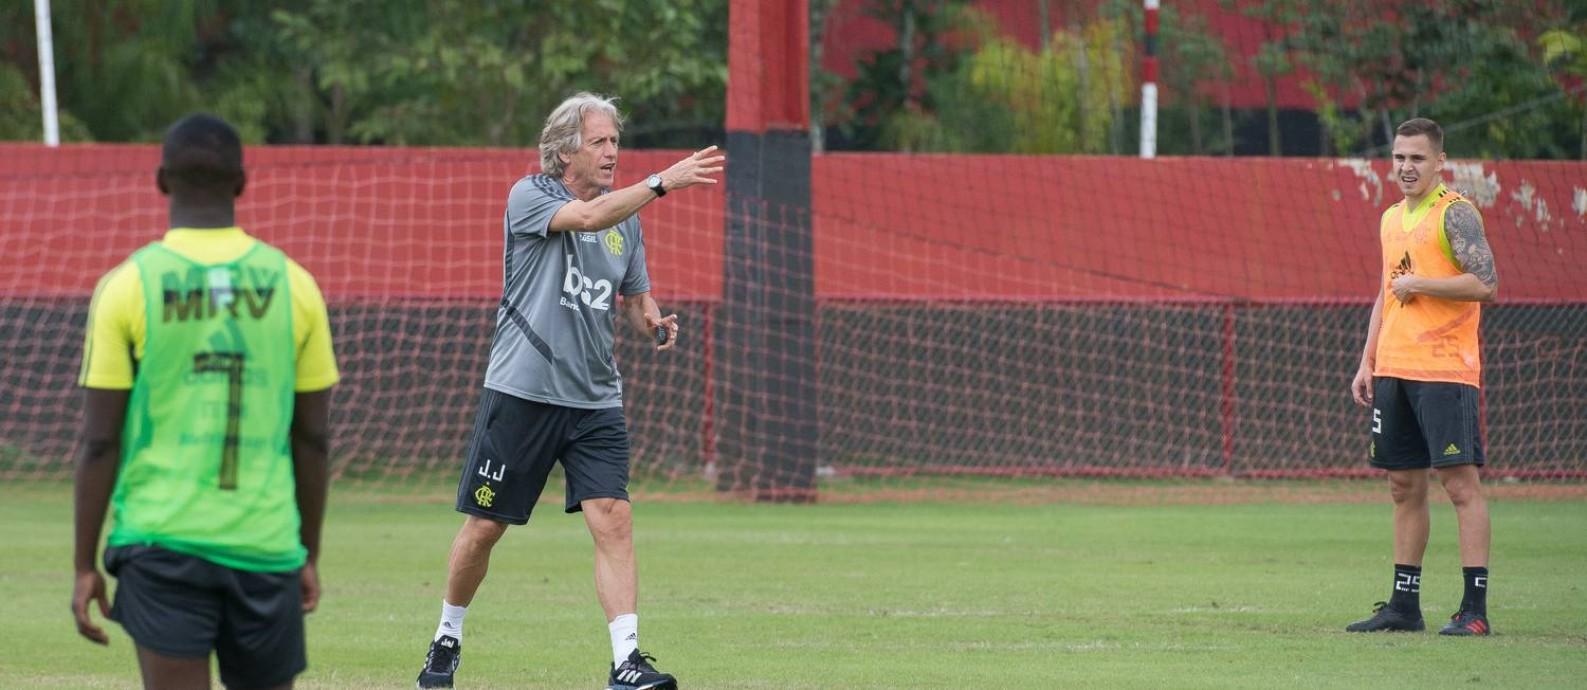 O técnico do Flamengo, Jorge Jesus, durante treino no Ninho do Urubu Foto: Alexandre Vidal/Flamengo